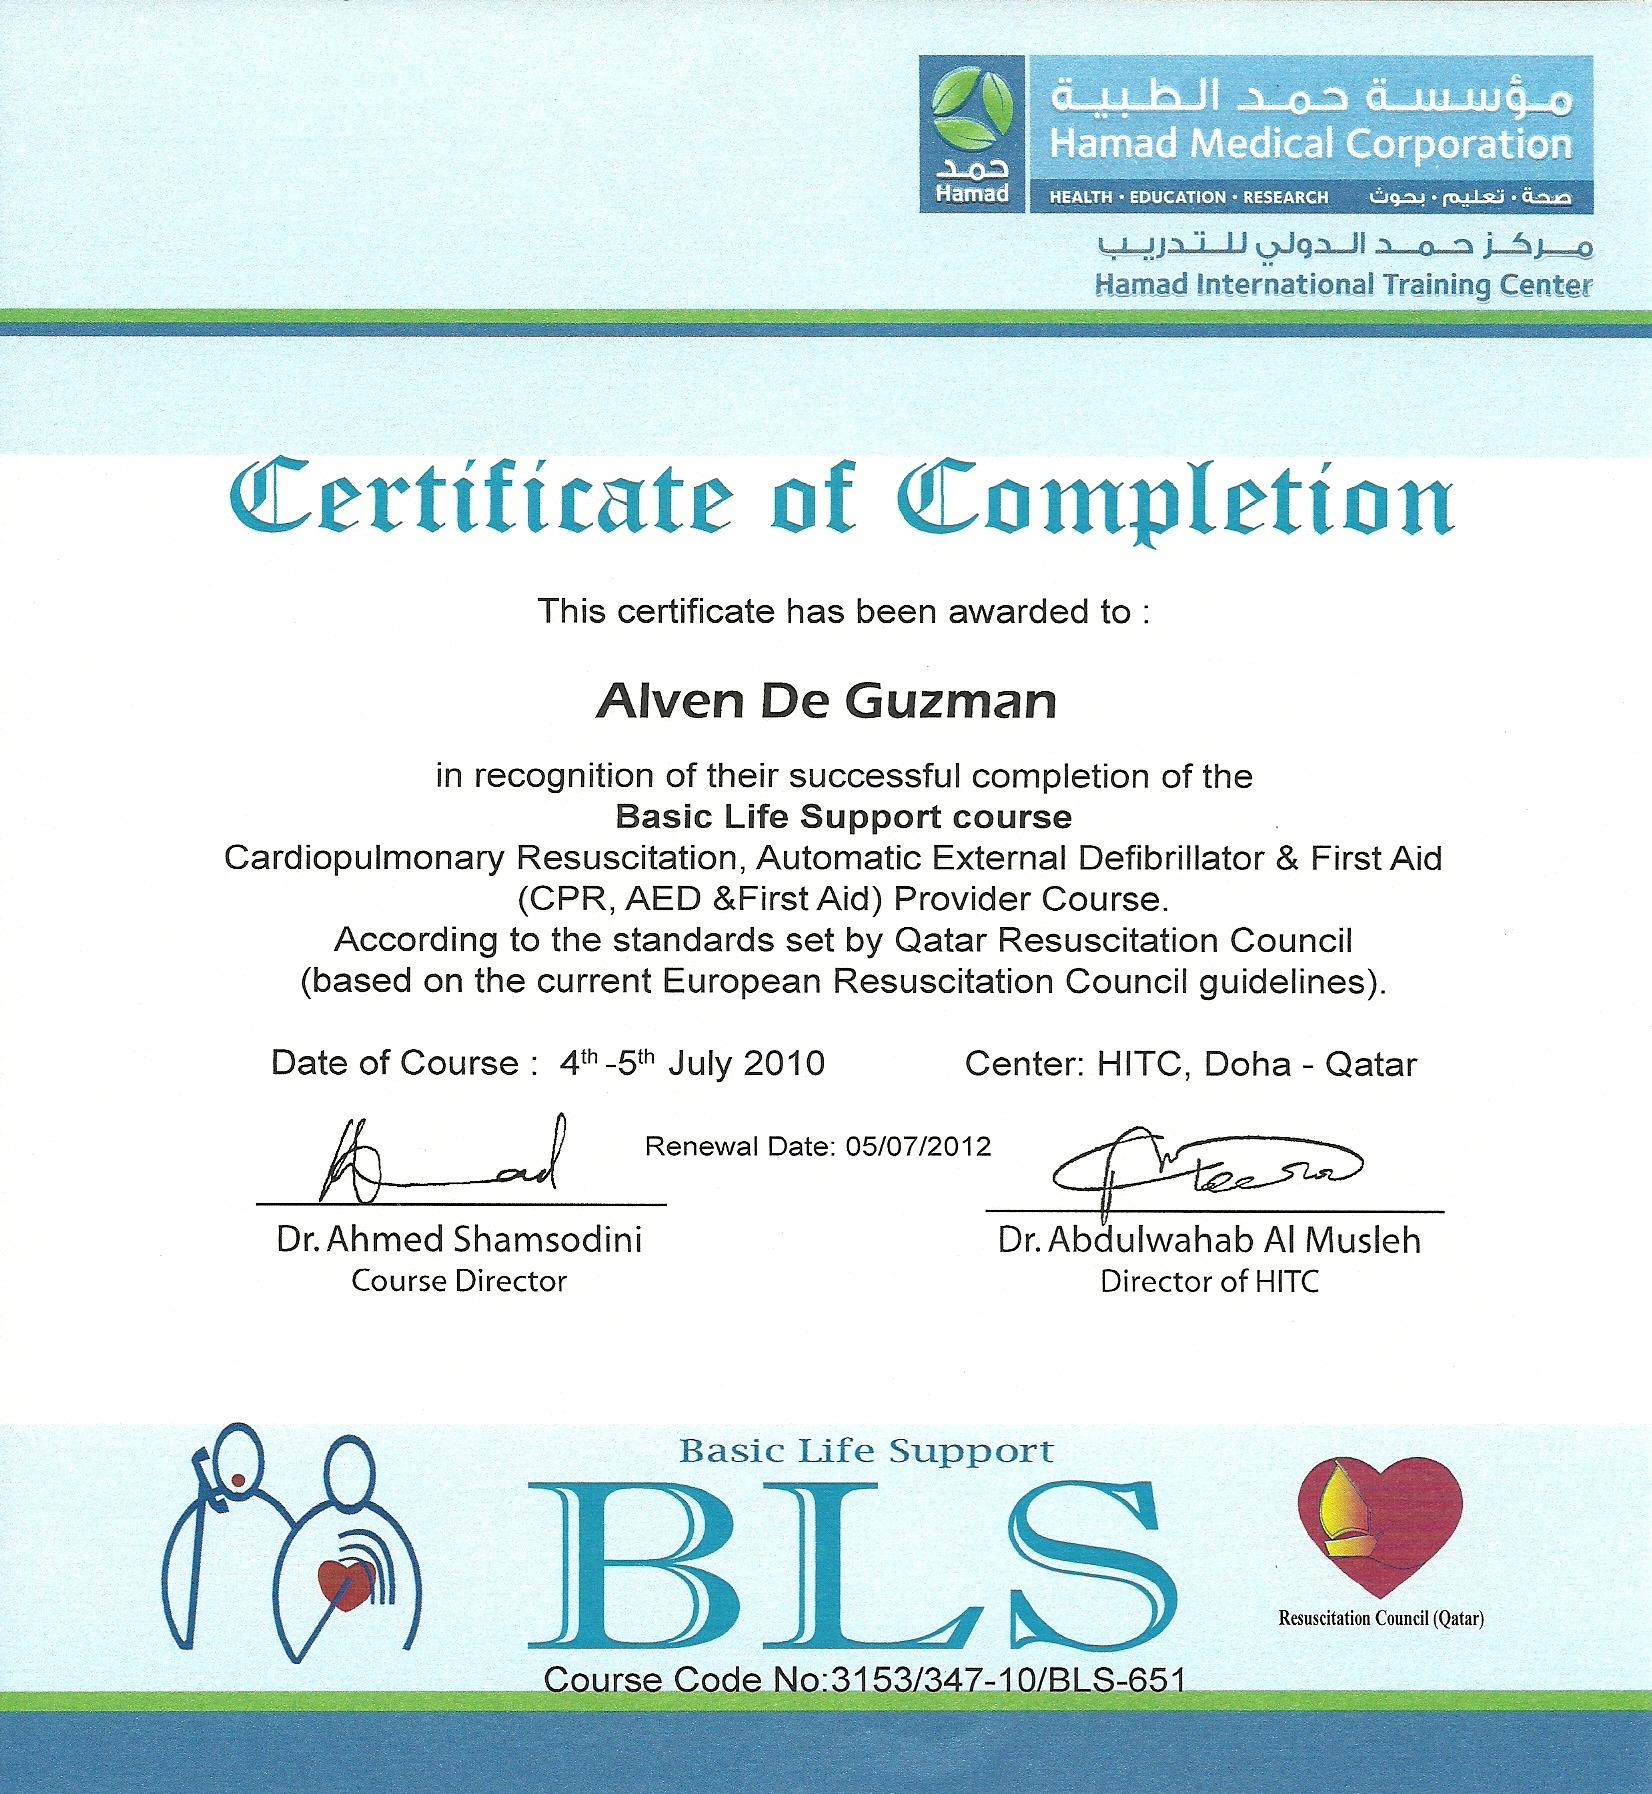 Alven de guzman bayt basic life support course certificate xflitez Images